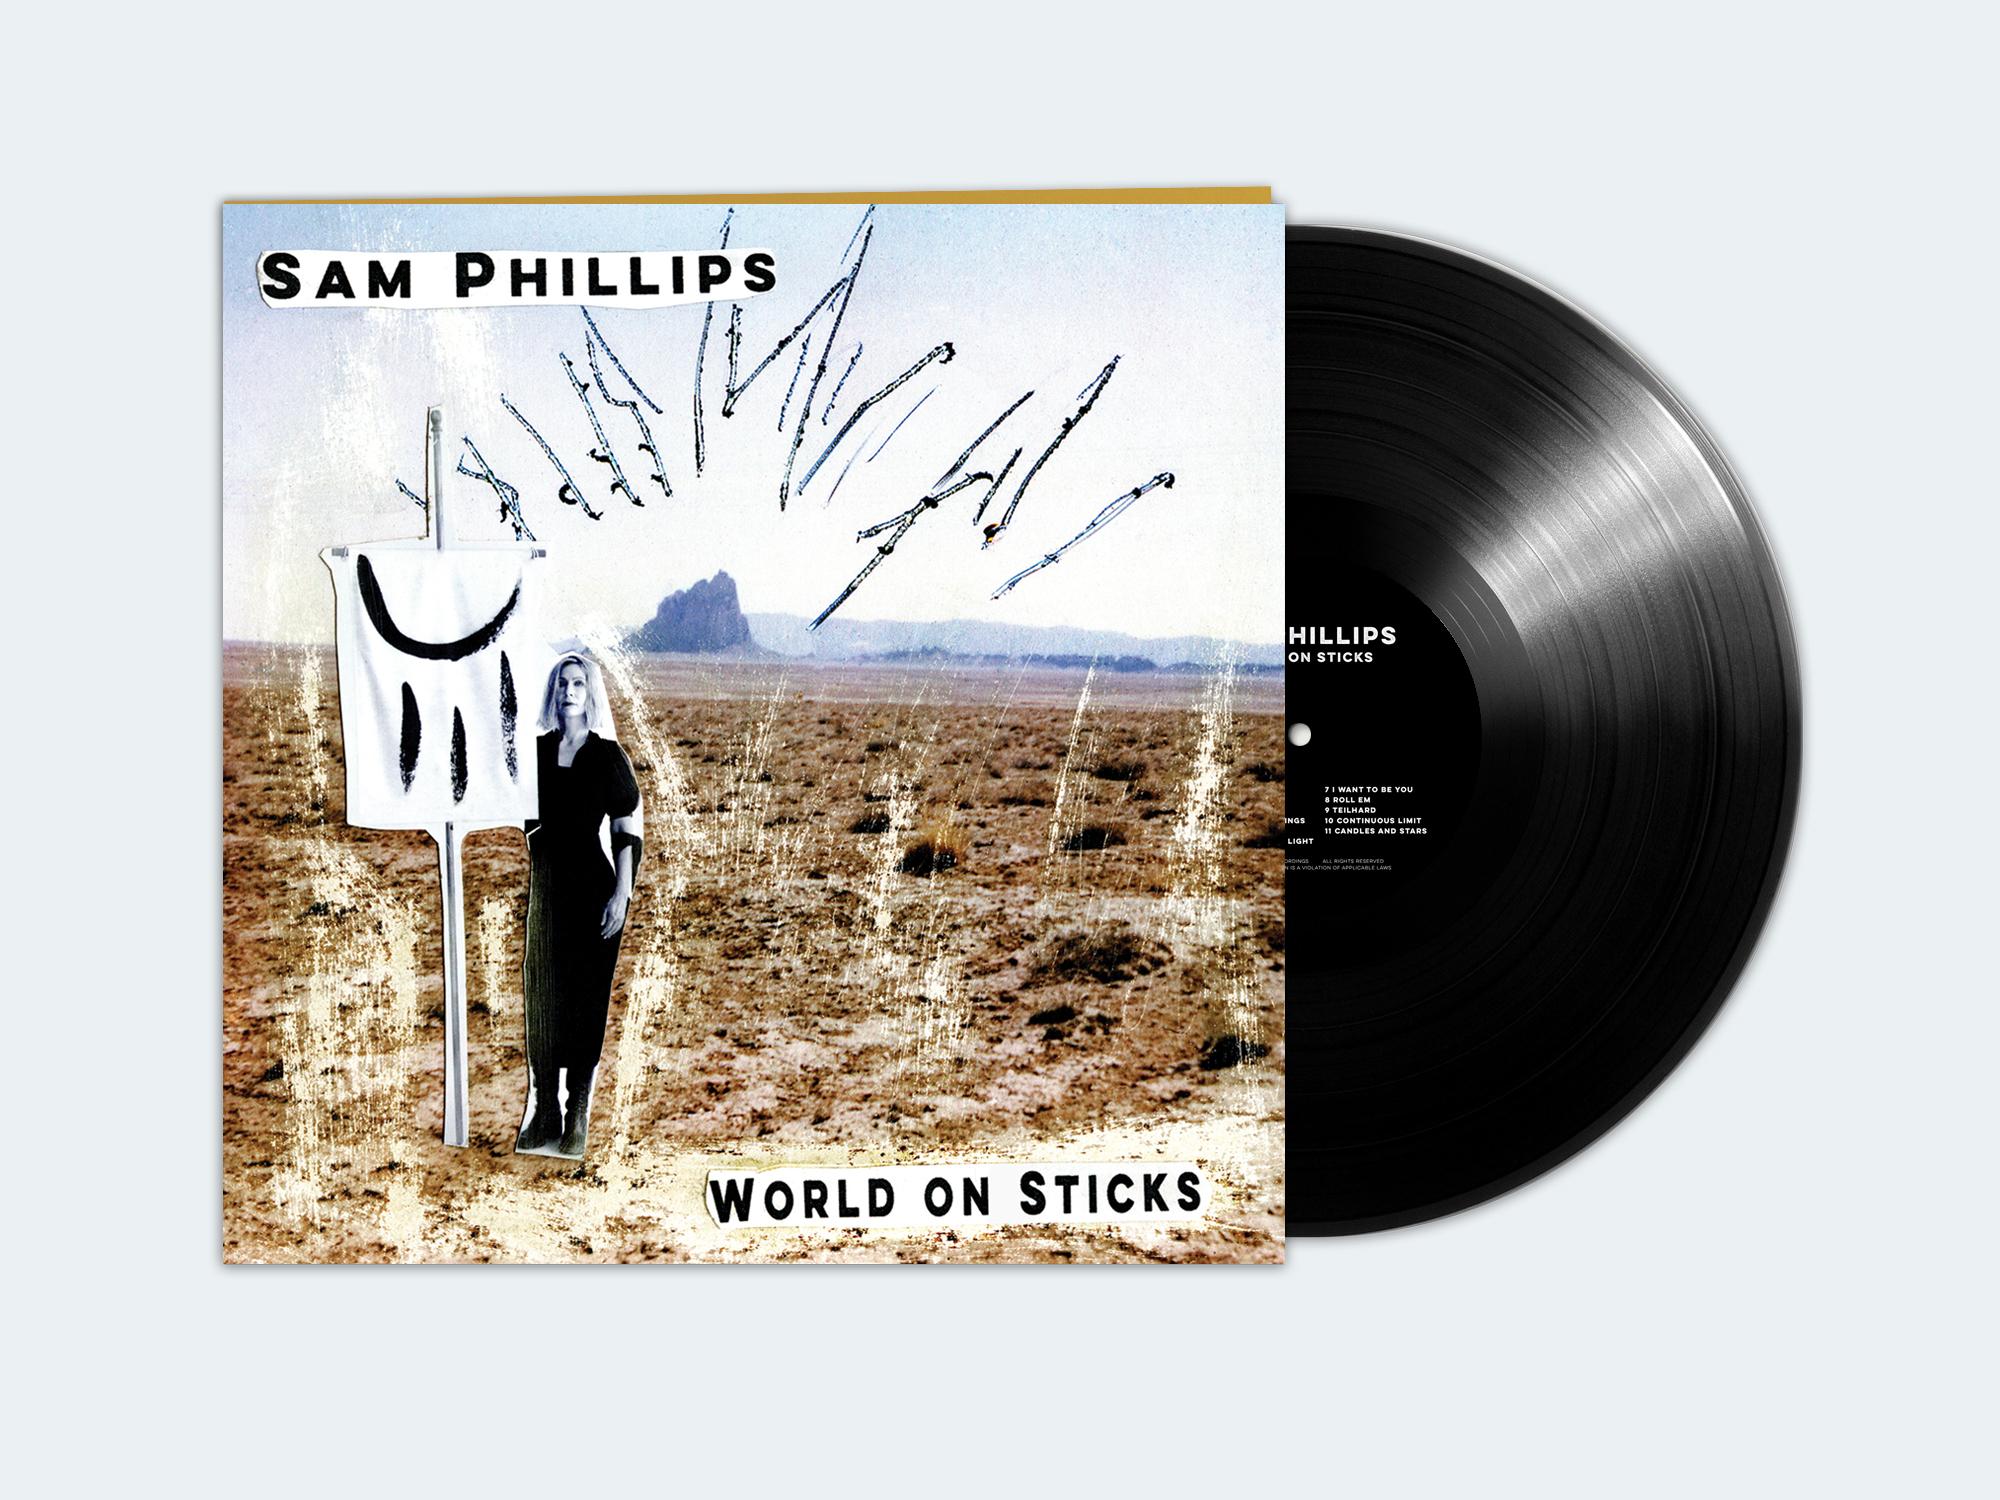 SAM PHILLIPS - 'WORLD ON STICKS' ----------- VINYL LP - Sam Phillips